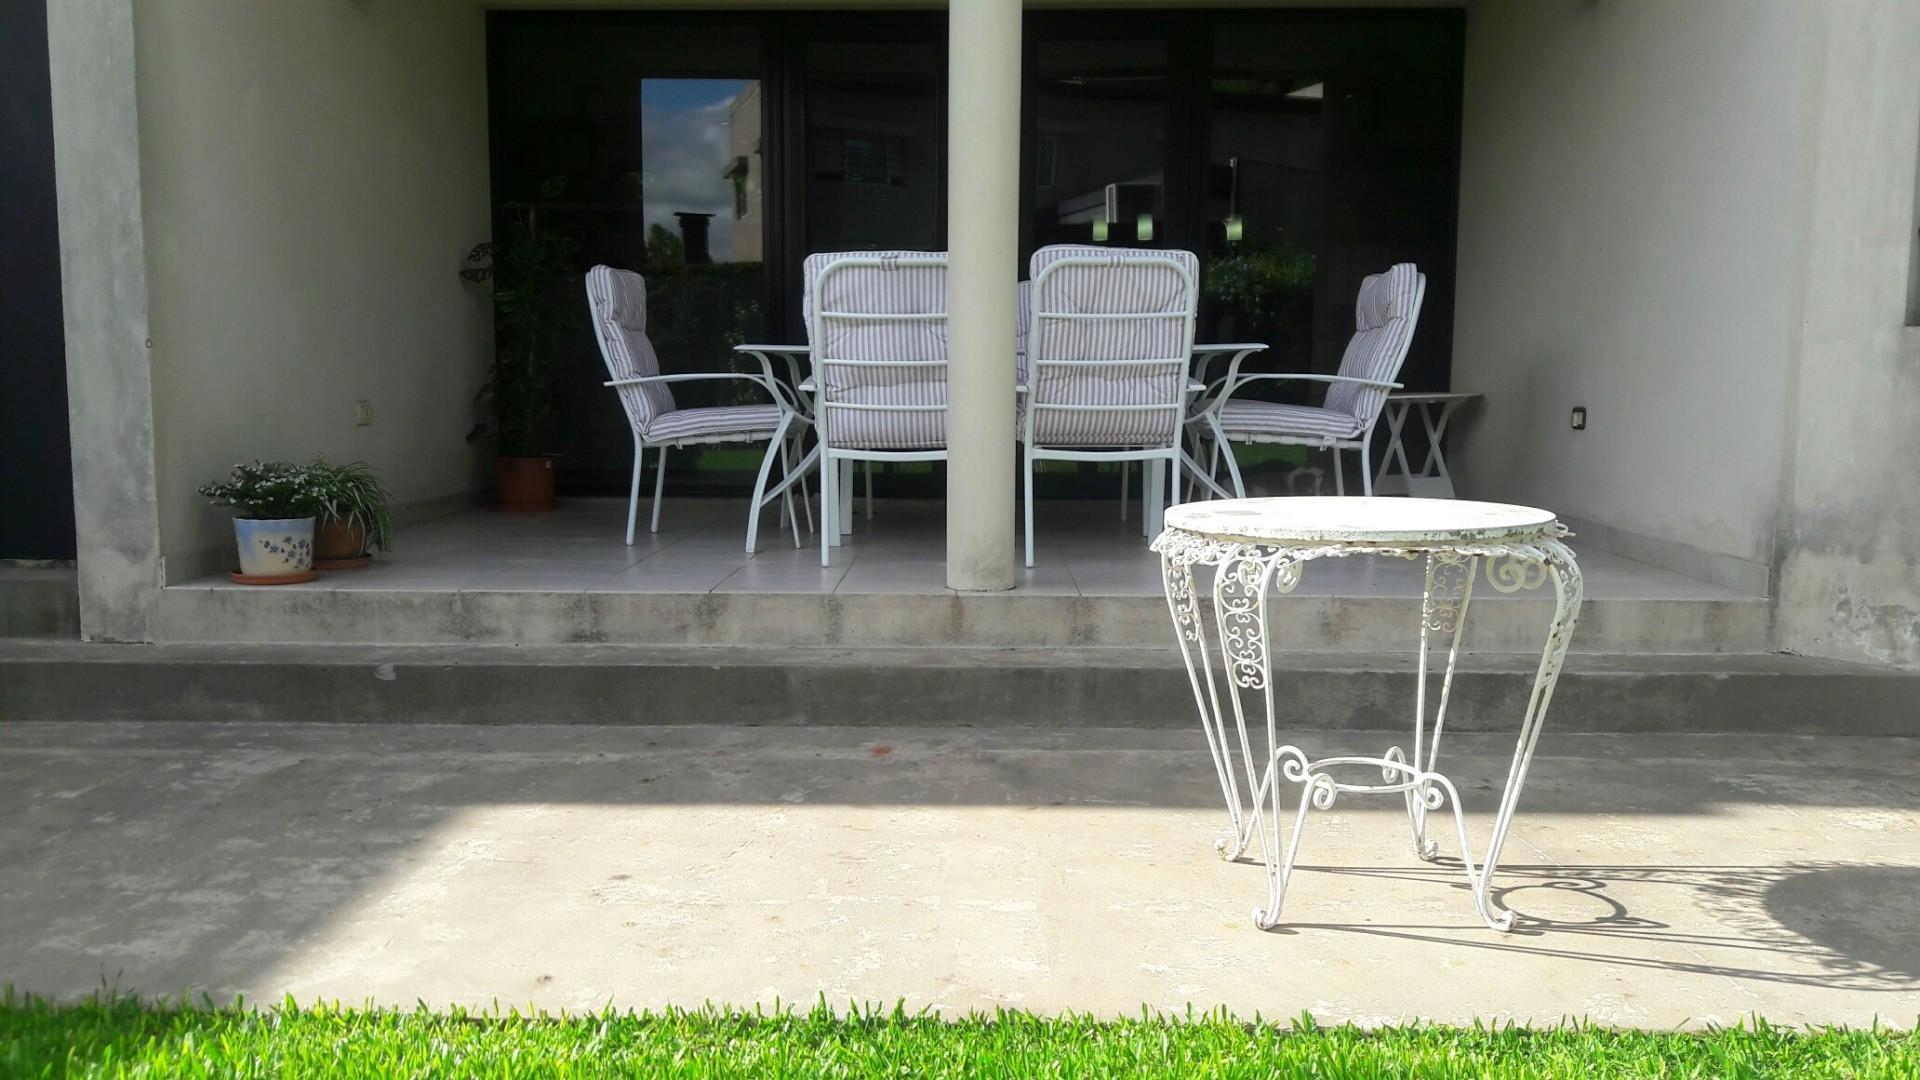 Casa 20 e/ 495 y 496  - 8 ambientes con cochera